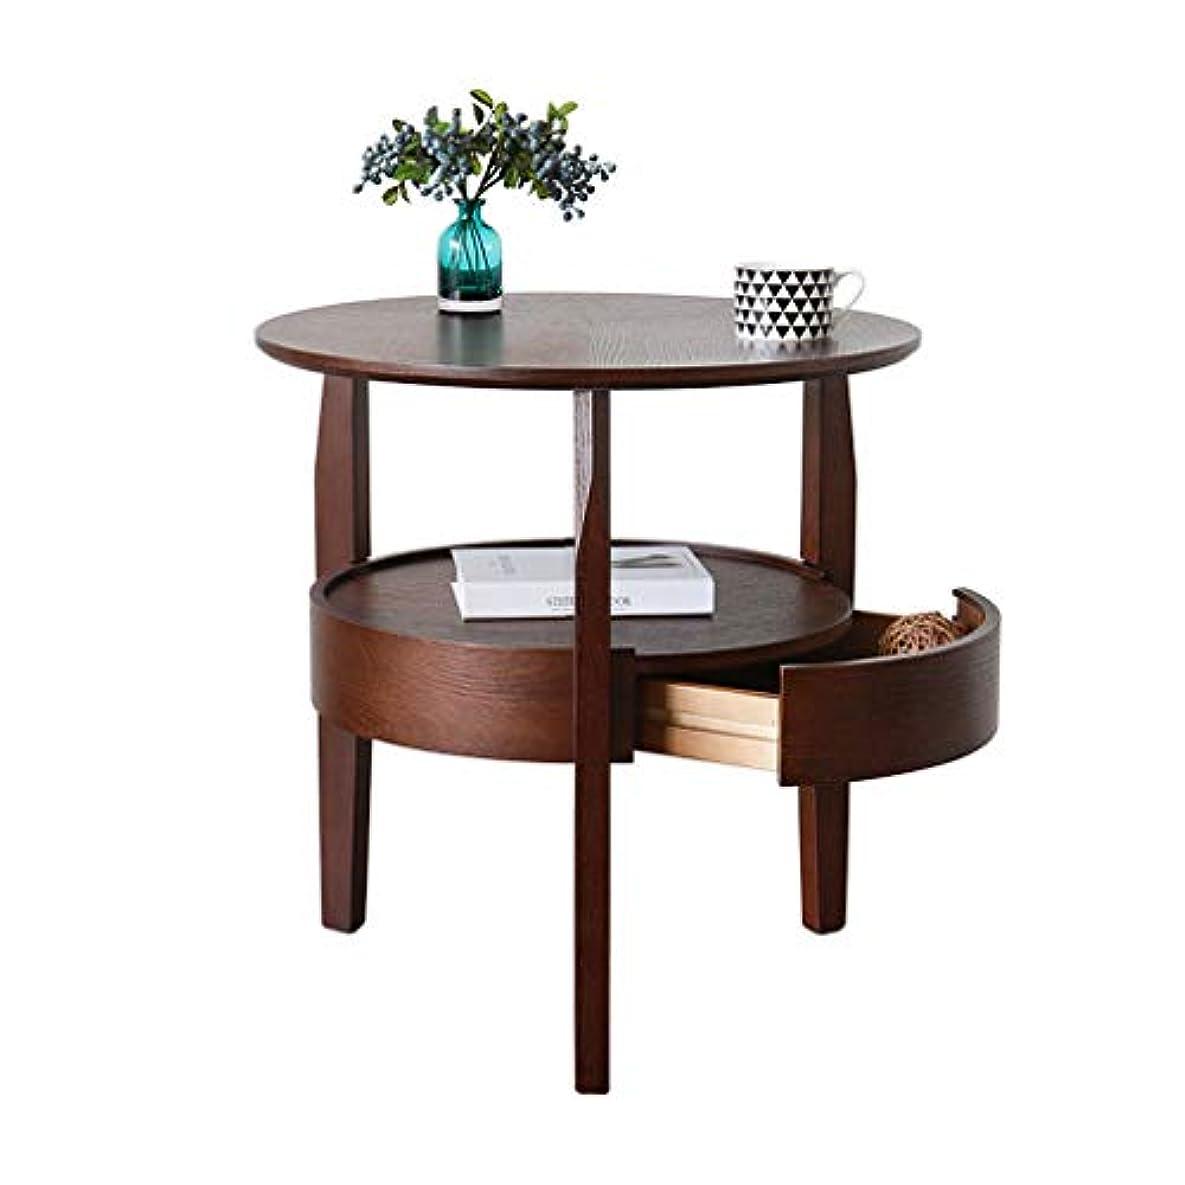 法律生きるじゃないHY ラウンドウッドエンドテーブルリビングルームソファサイドコーヒーテーブル収納棚付き多目的ナイトテーブル (サイズ さいず : L50CMXW50CMXH50CM)